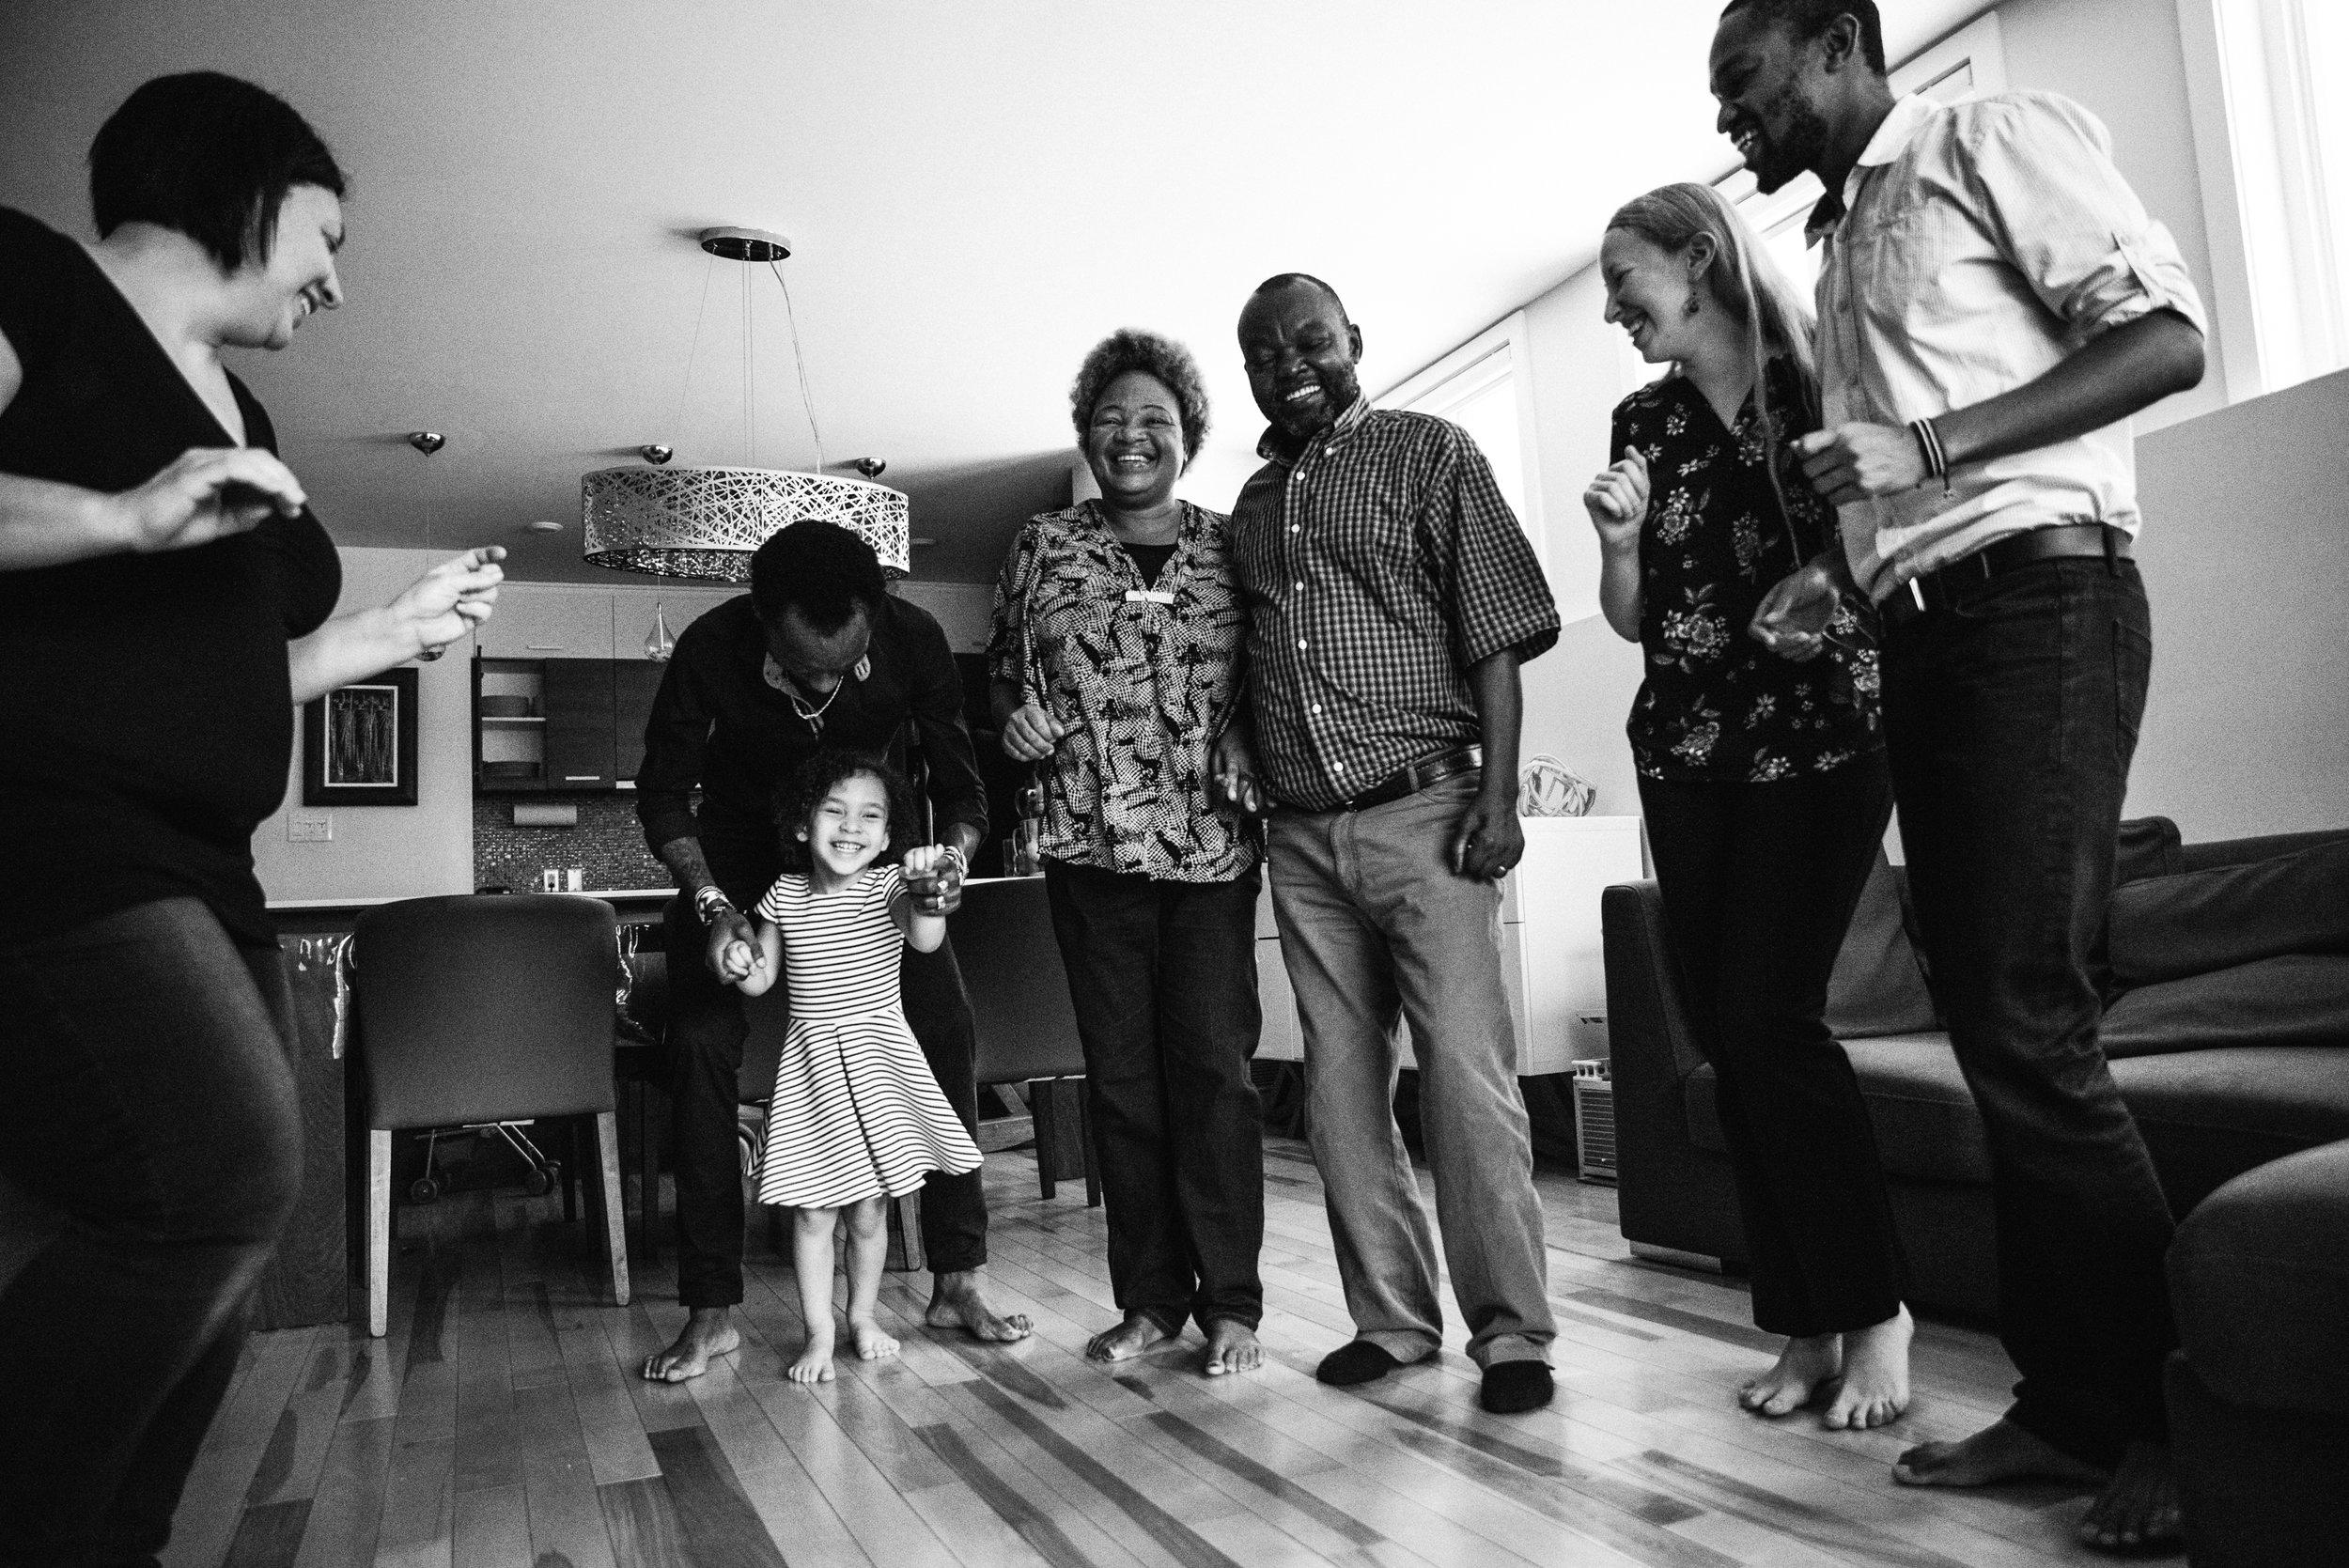 photo-de-famille-qui-danse-dans-l-appartement-photographe-de-famille-a-montreal-marianne-charland-1420.jpg